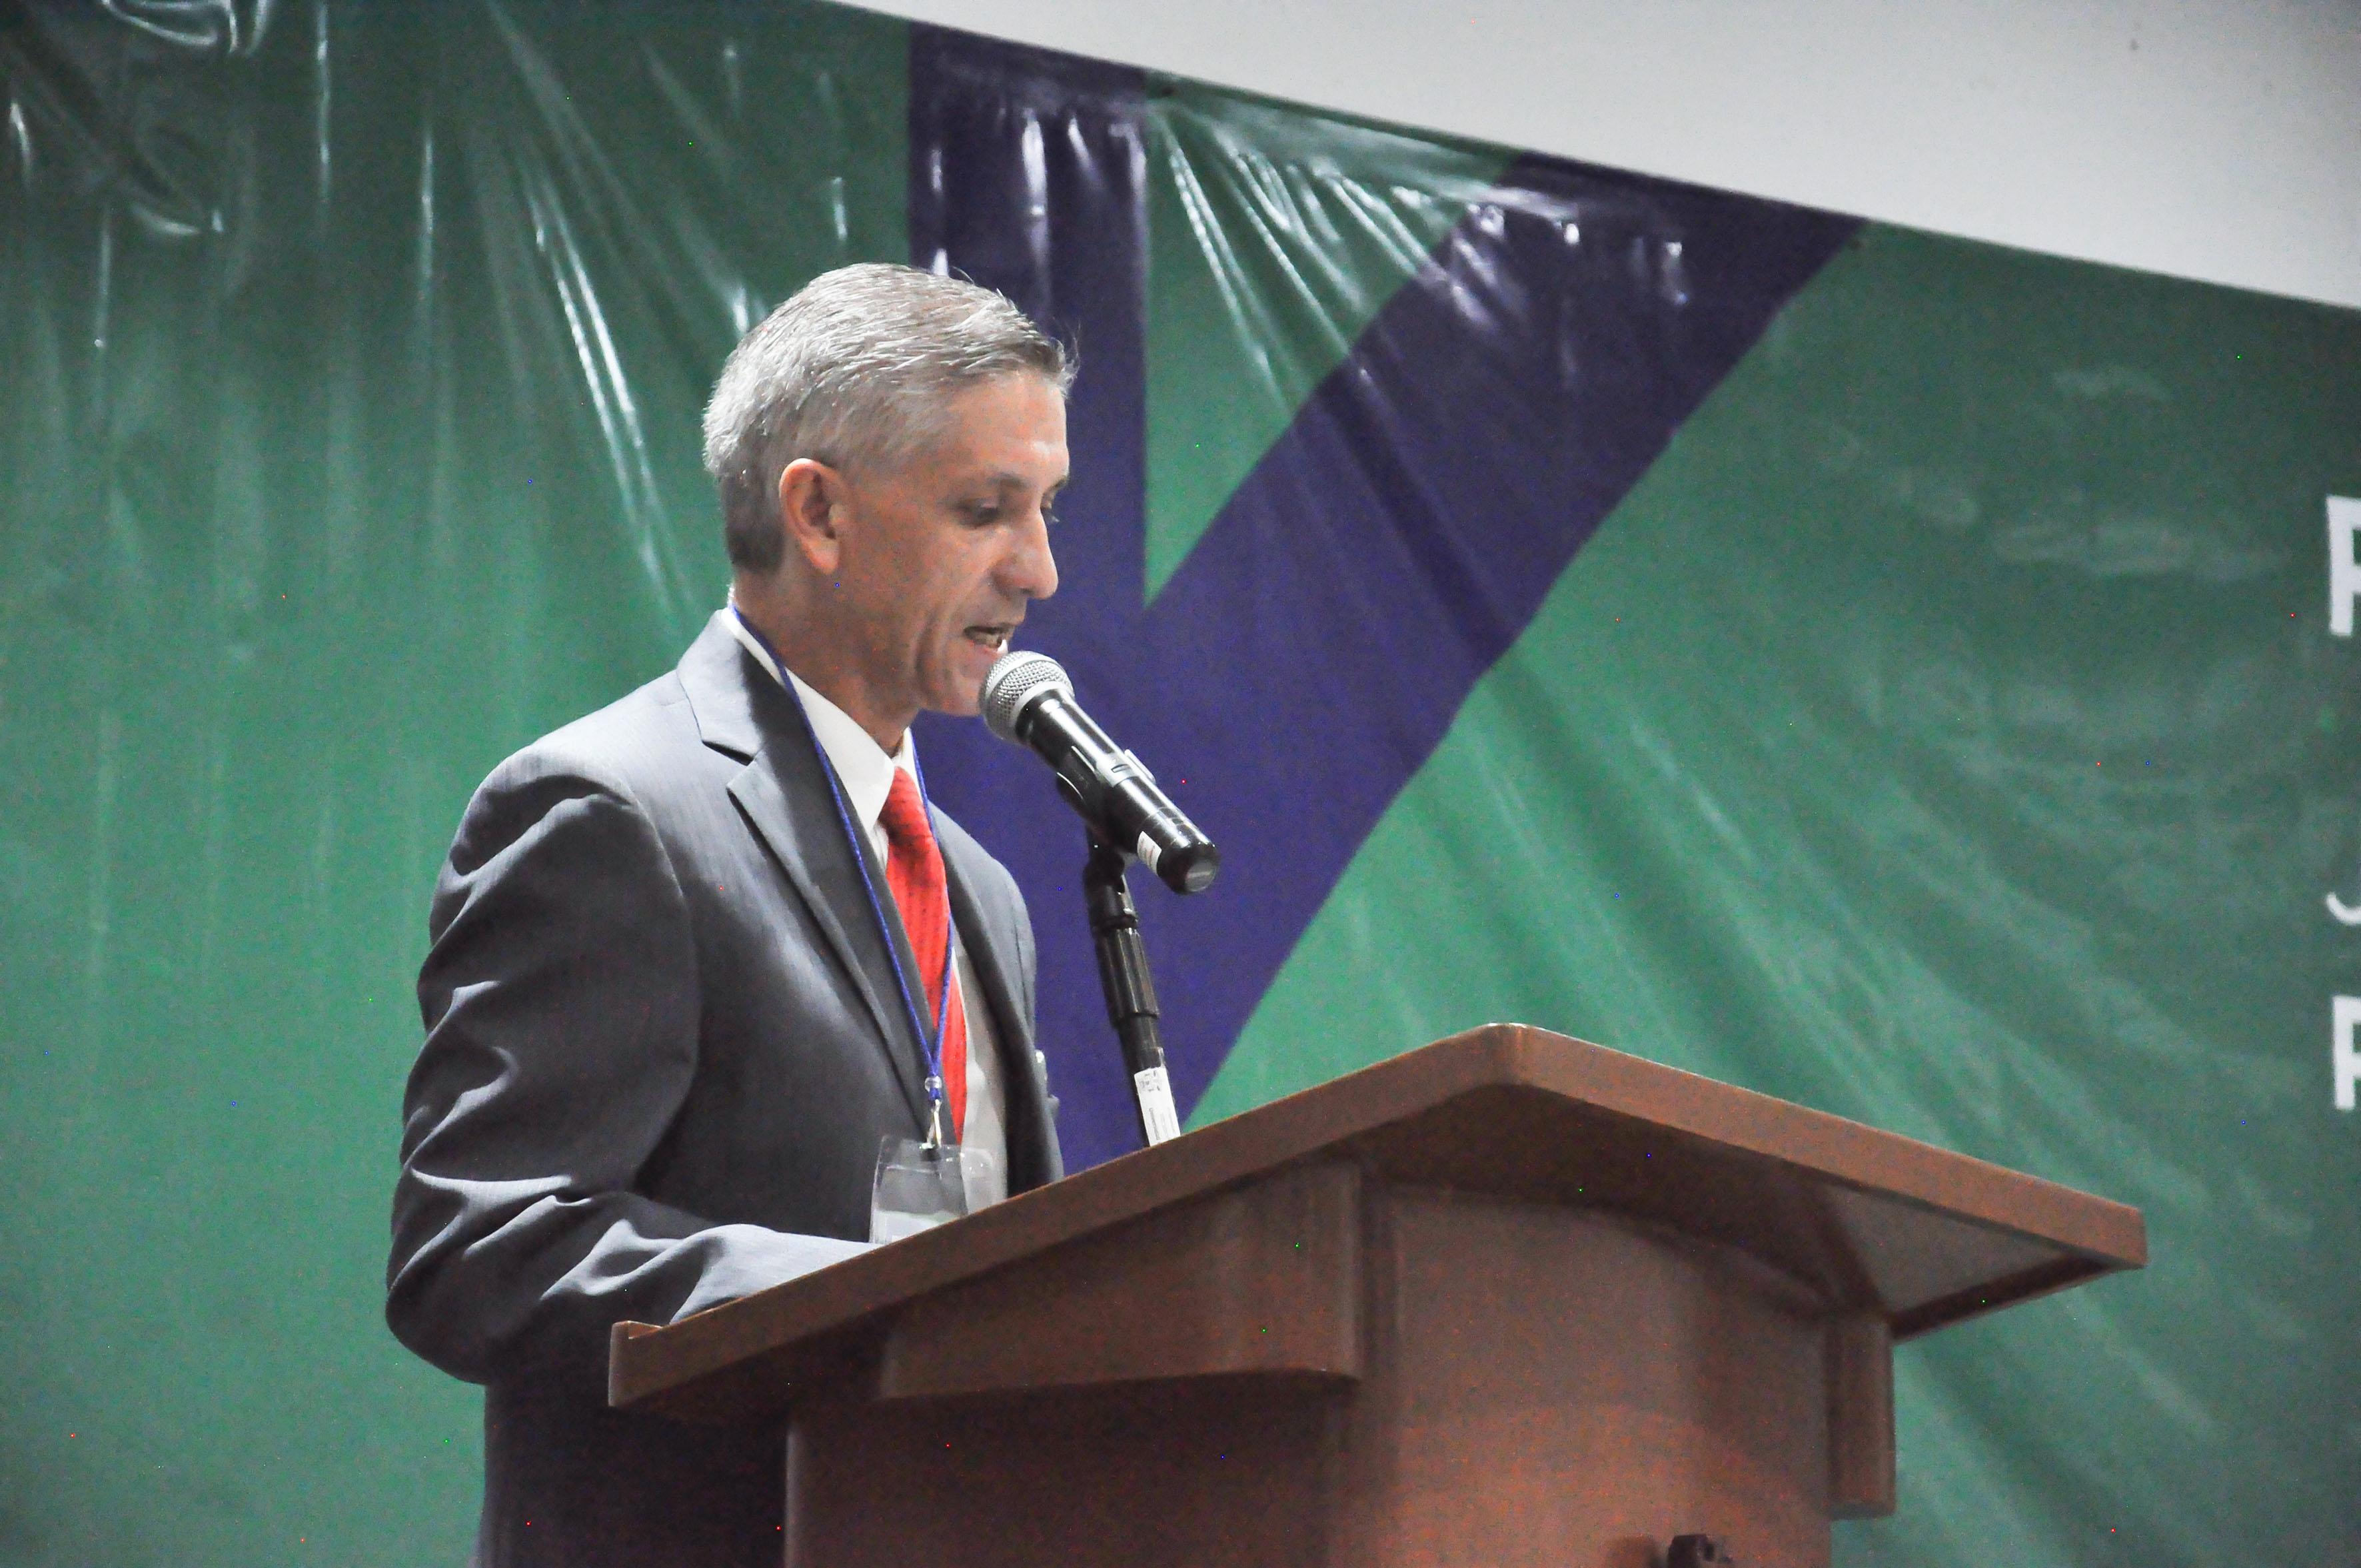 Maestro Eduardo Llerenas García, secretario de la Coordinación de Vinculación y Servicio Social (CVSS) de la Universidad de Guadalajara, frente al micrófono, haciendo uso de la voz.